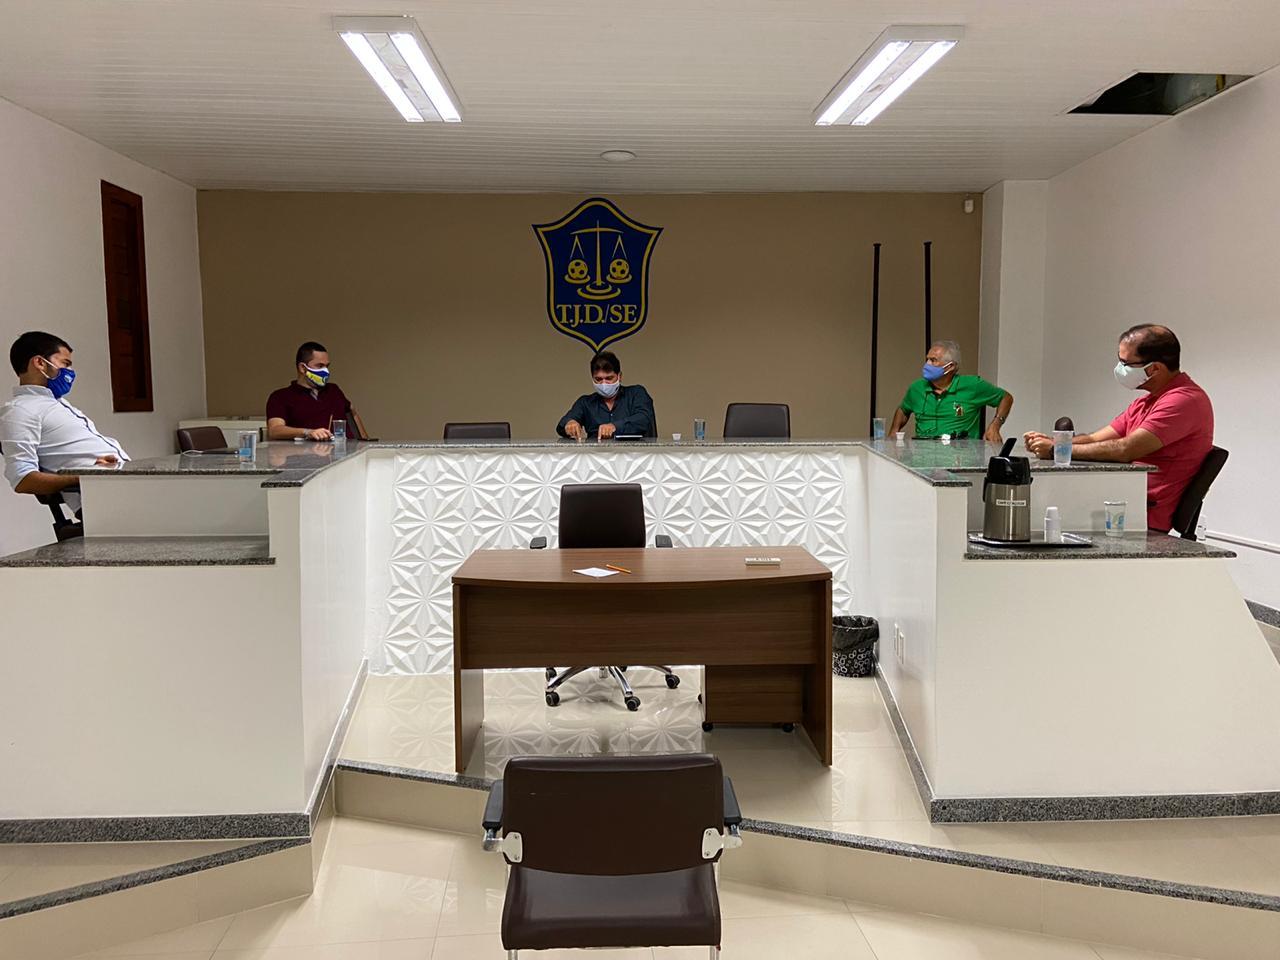 FUTEBOL: FEDERAÇÃO SERGIPANA E CLUBES DO QUADRANGULAR DEBATEM POSSIBILIDADE DA RETOMADA DO CAMPEONATO SERGIPANO